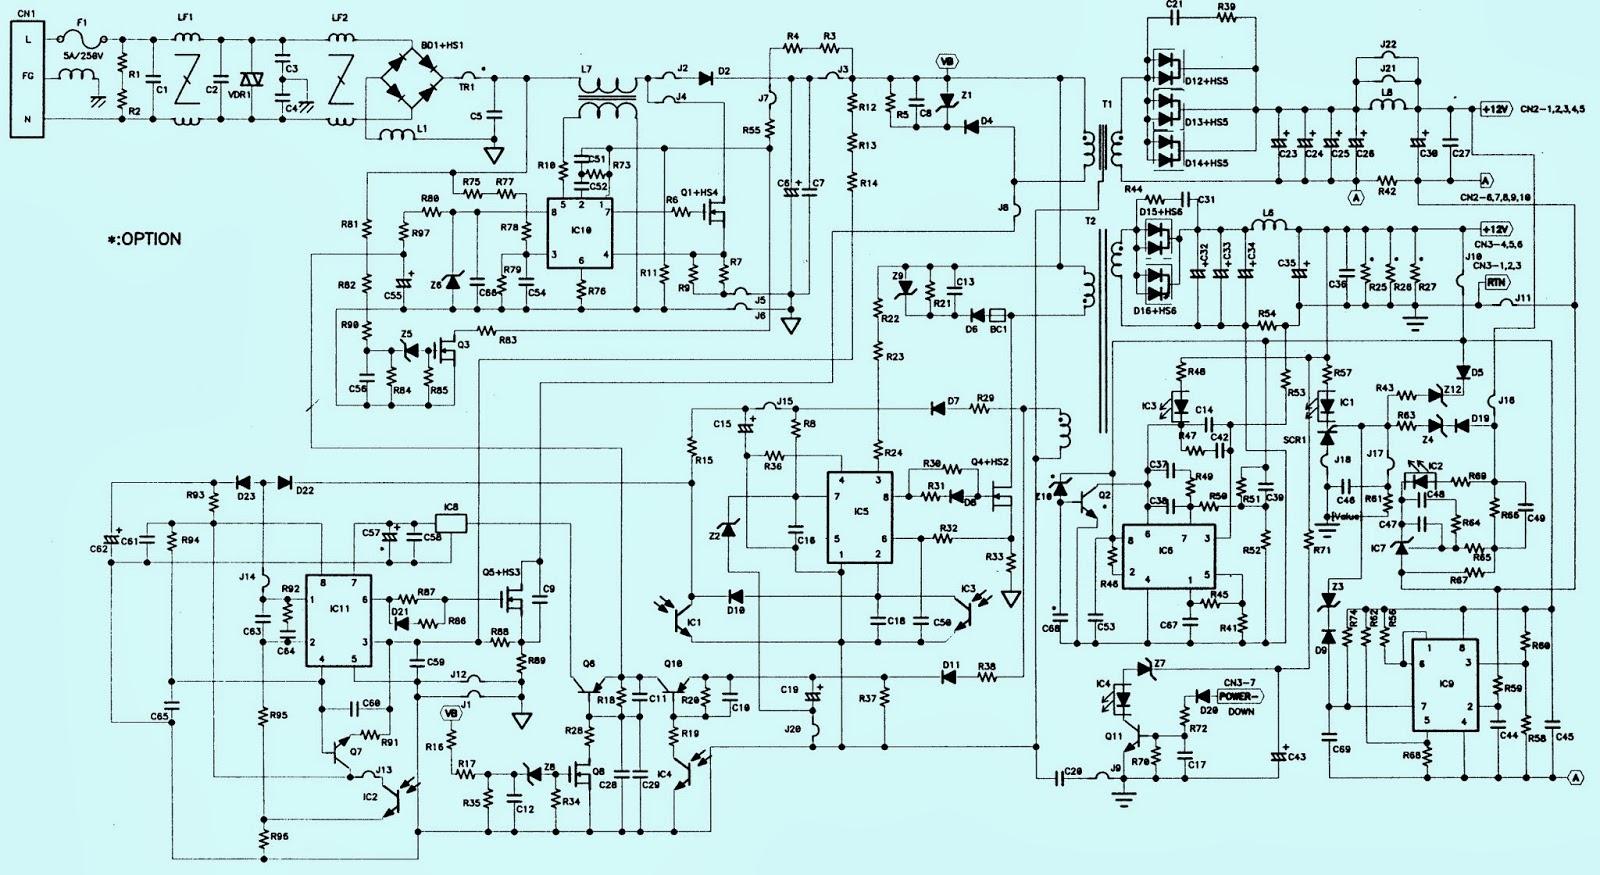 Electronics Kingdom: Schematy i instrukcje serwisowe